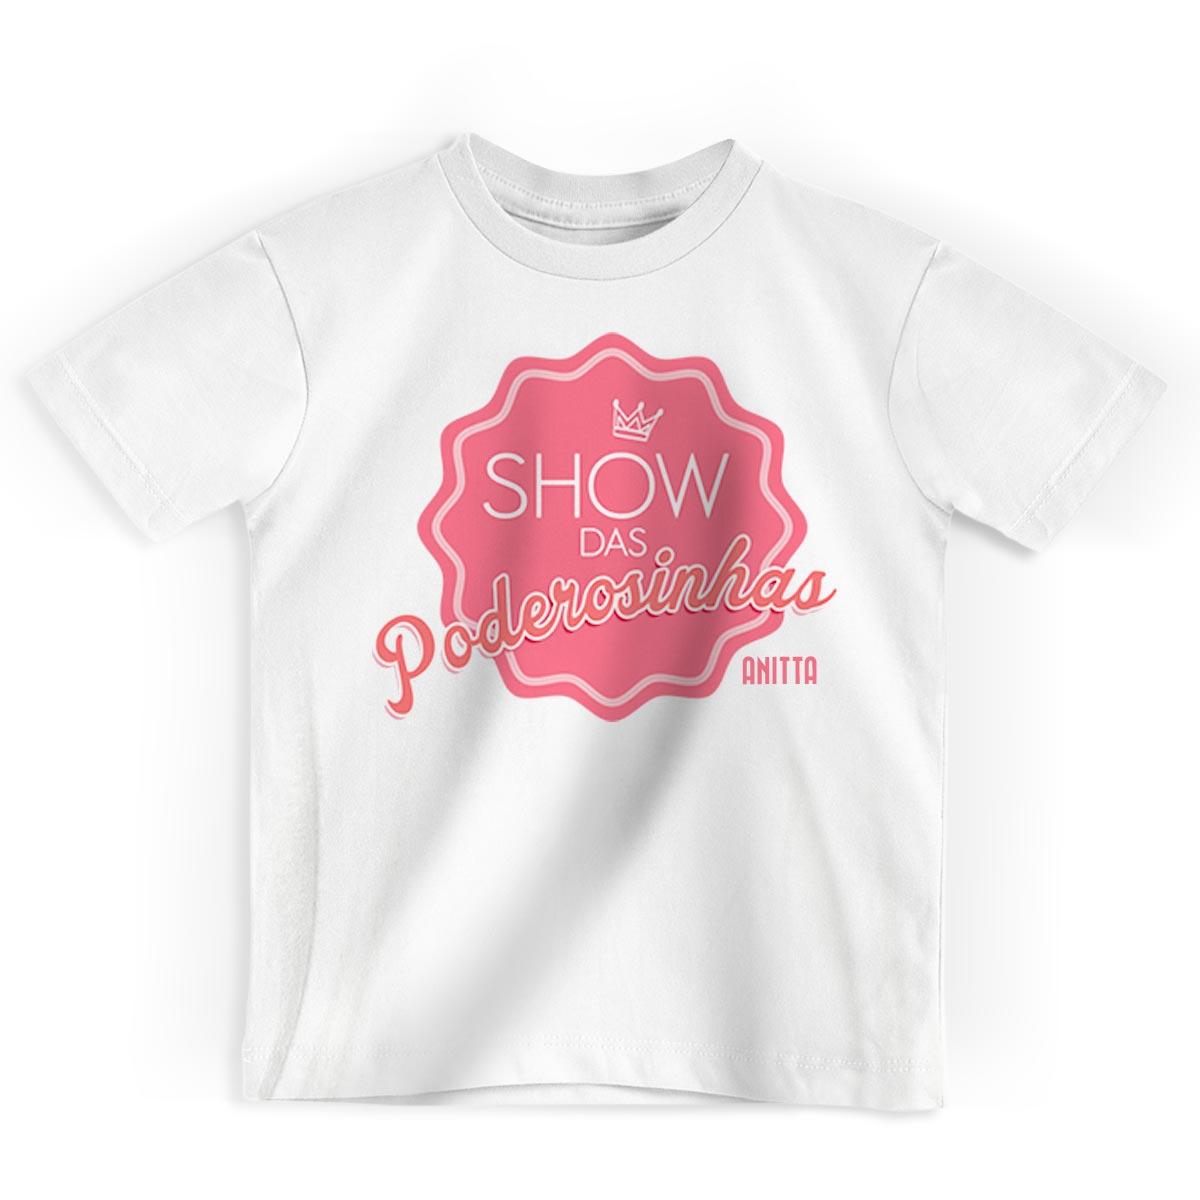 Camiseta Infantil Anitta Show das Poderosinhas